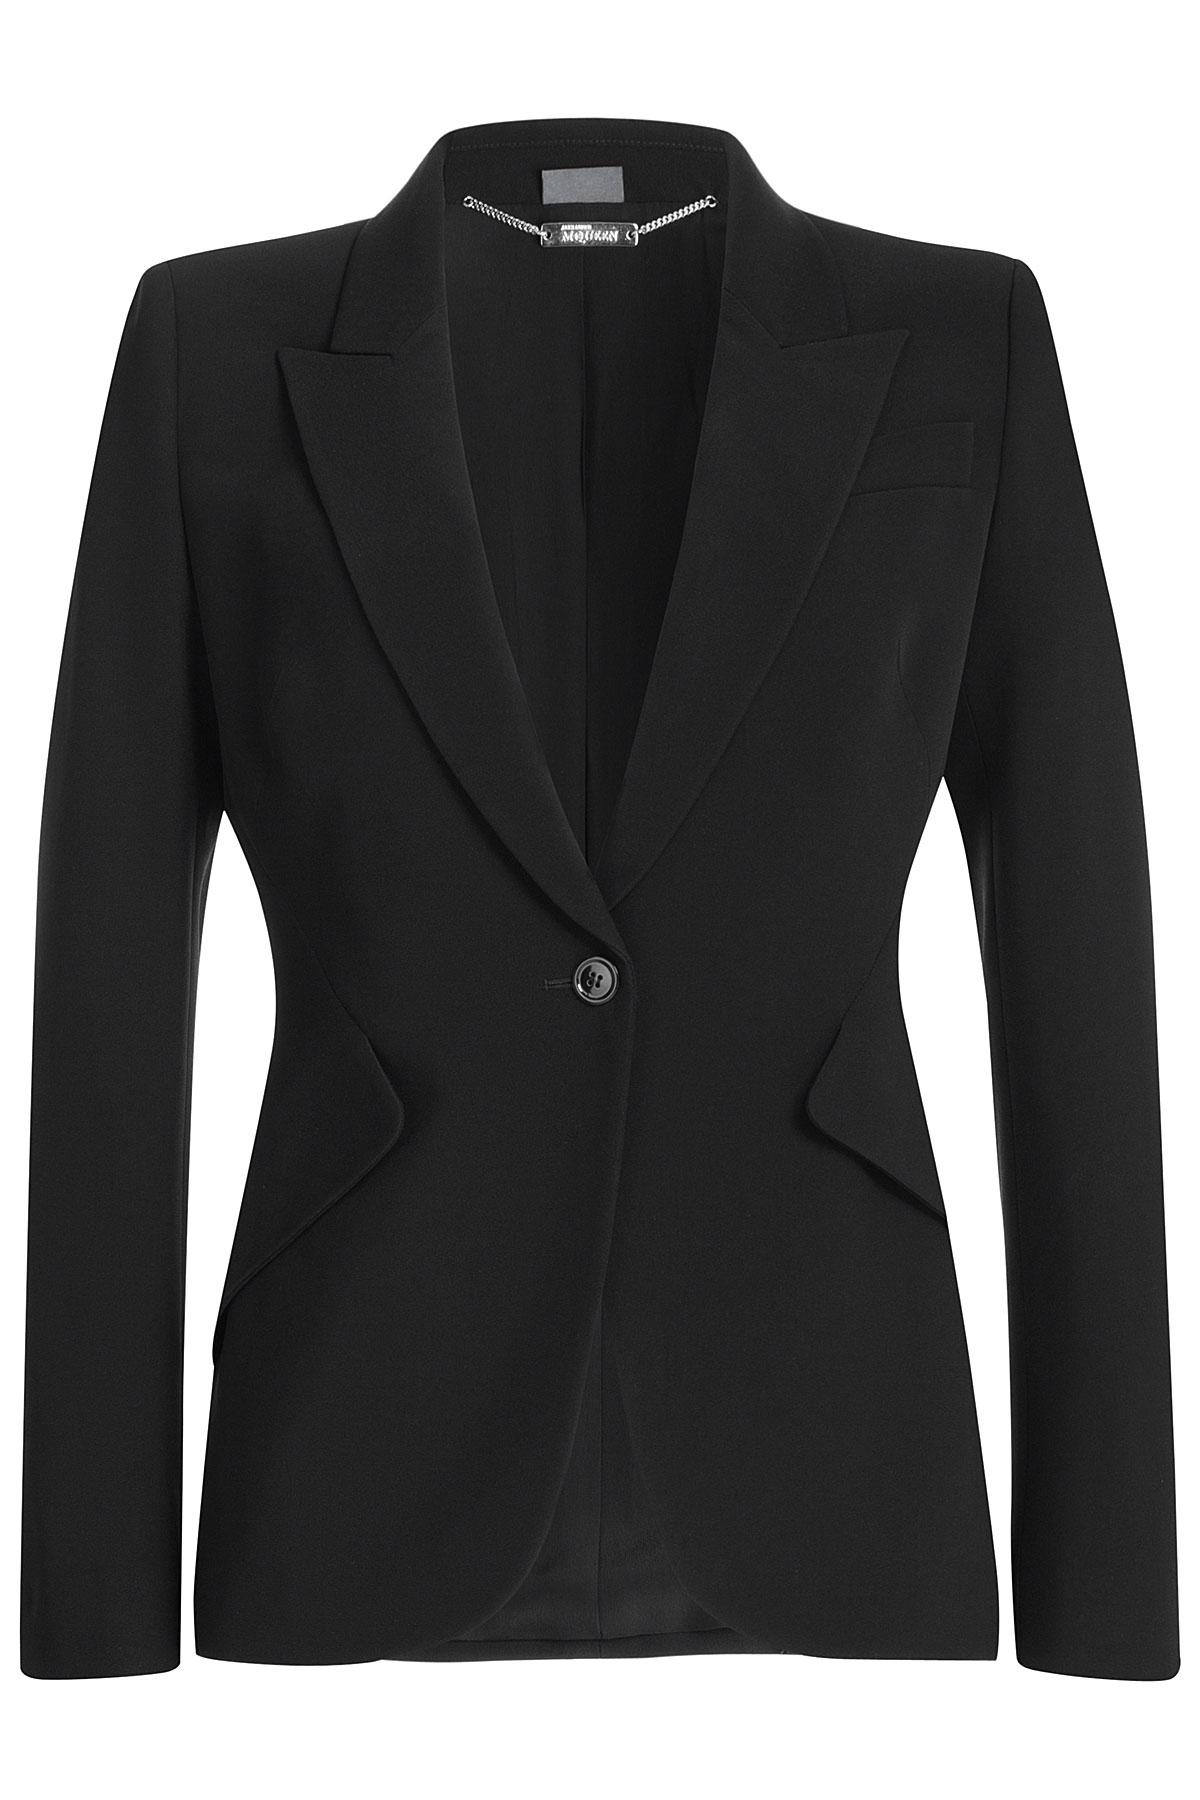 Compra chaqueta de rayas verticales online al por mayor de